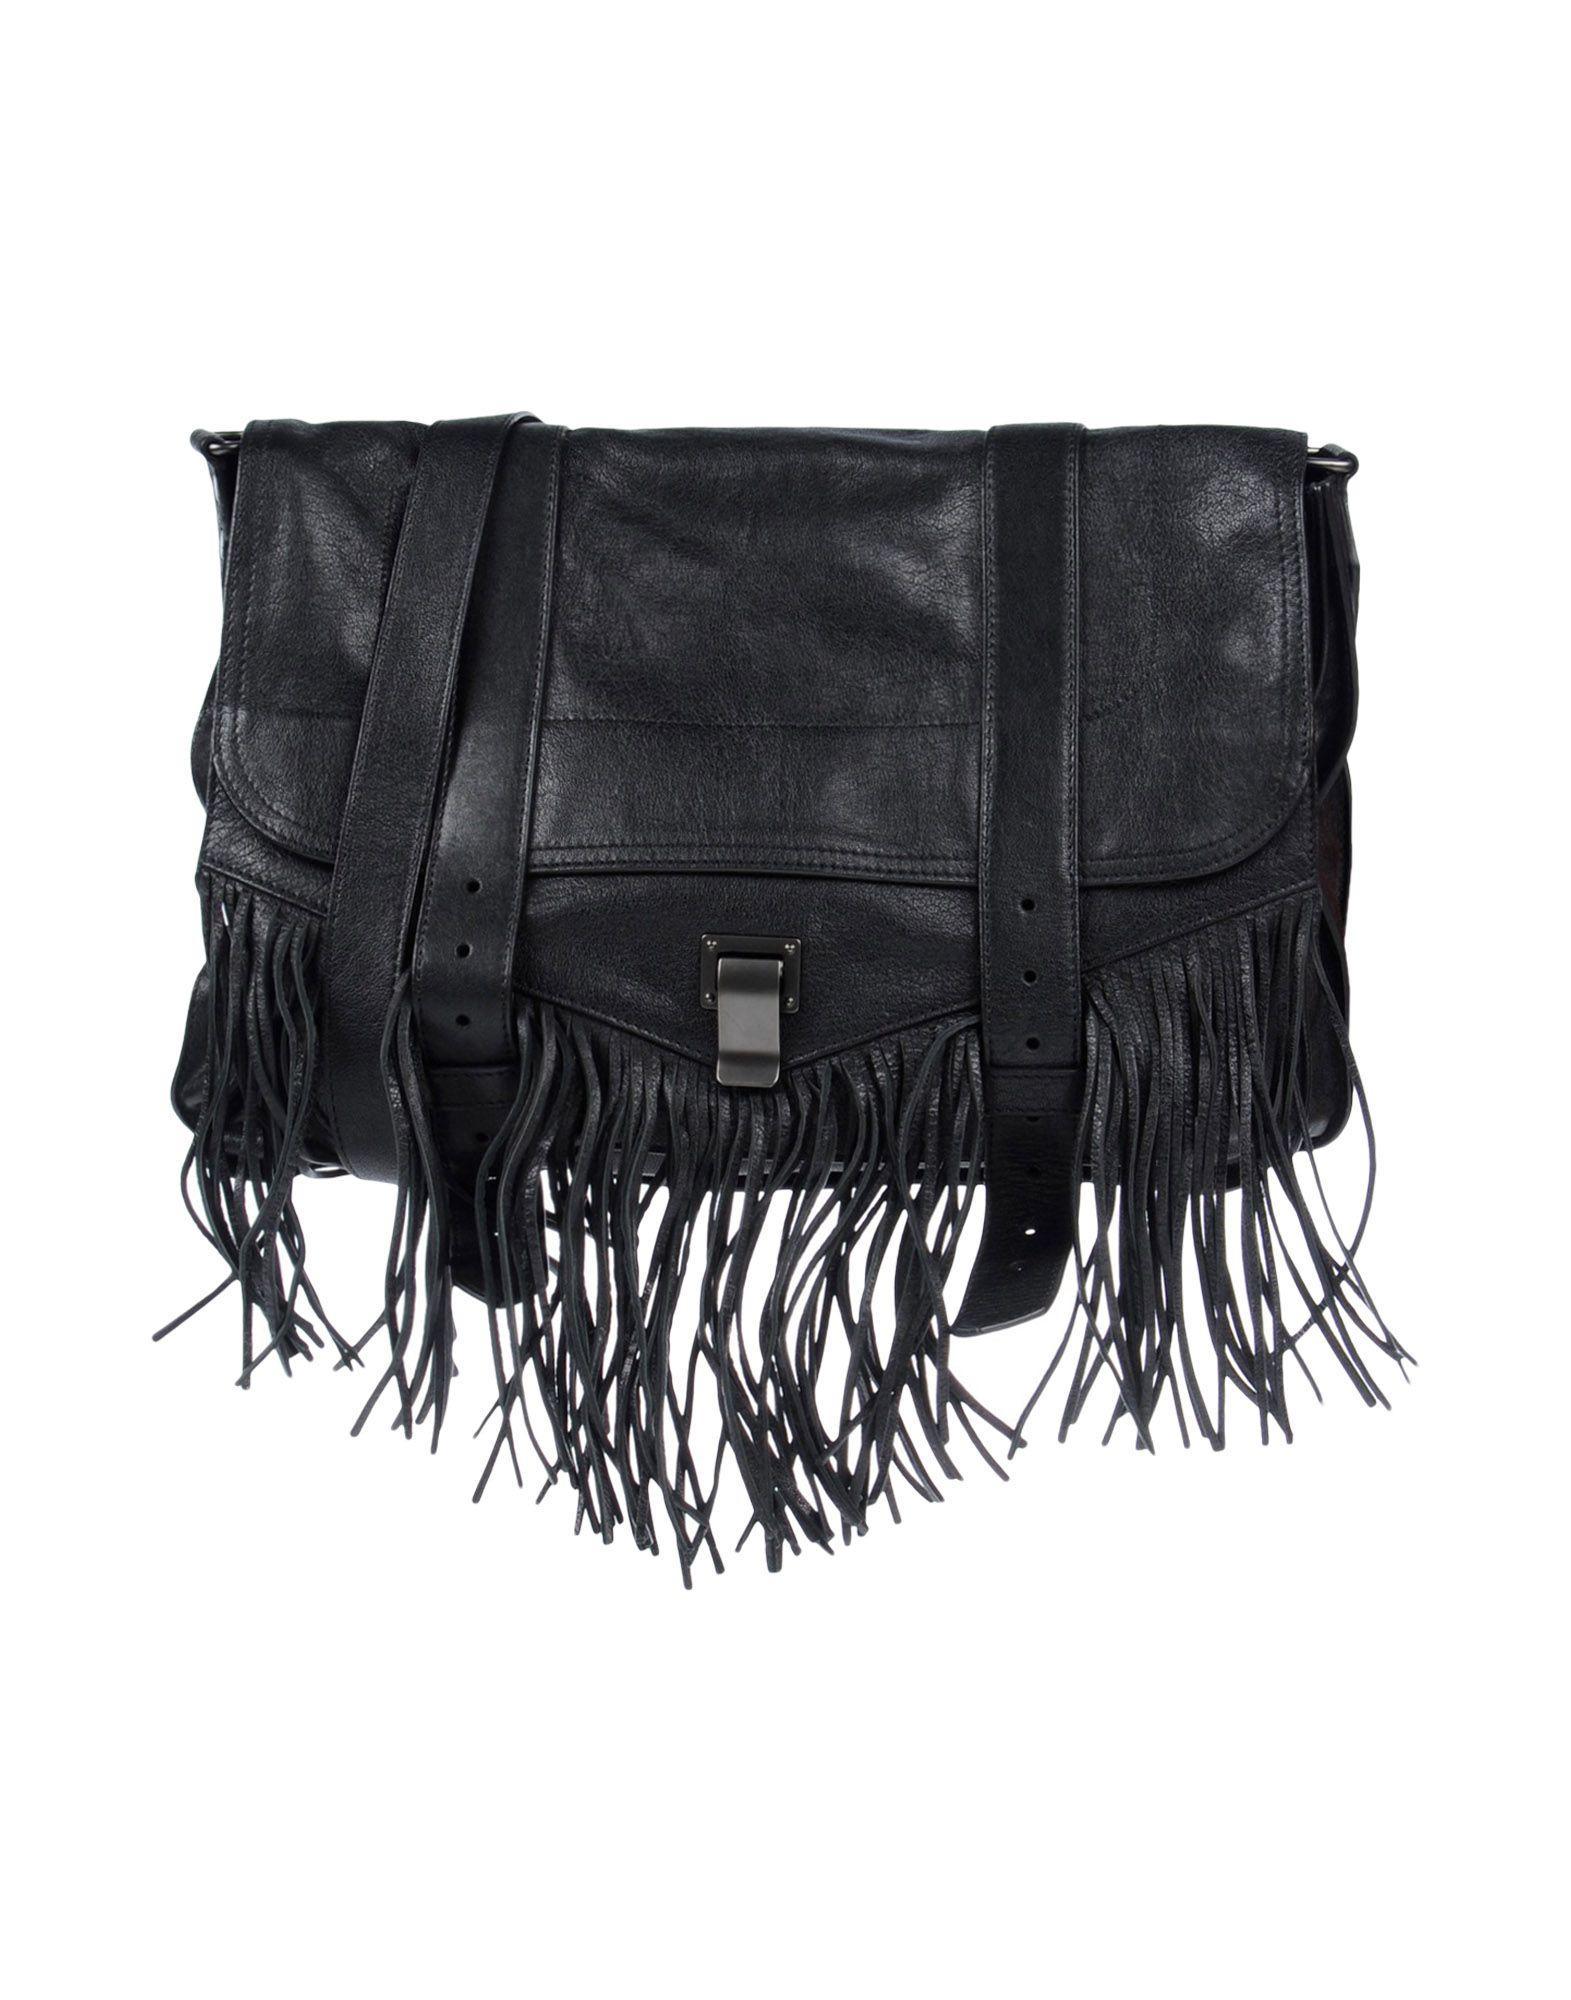 Proenza Schouler Handbag In Black